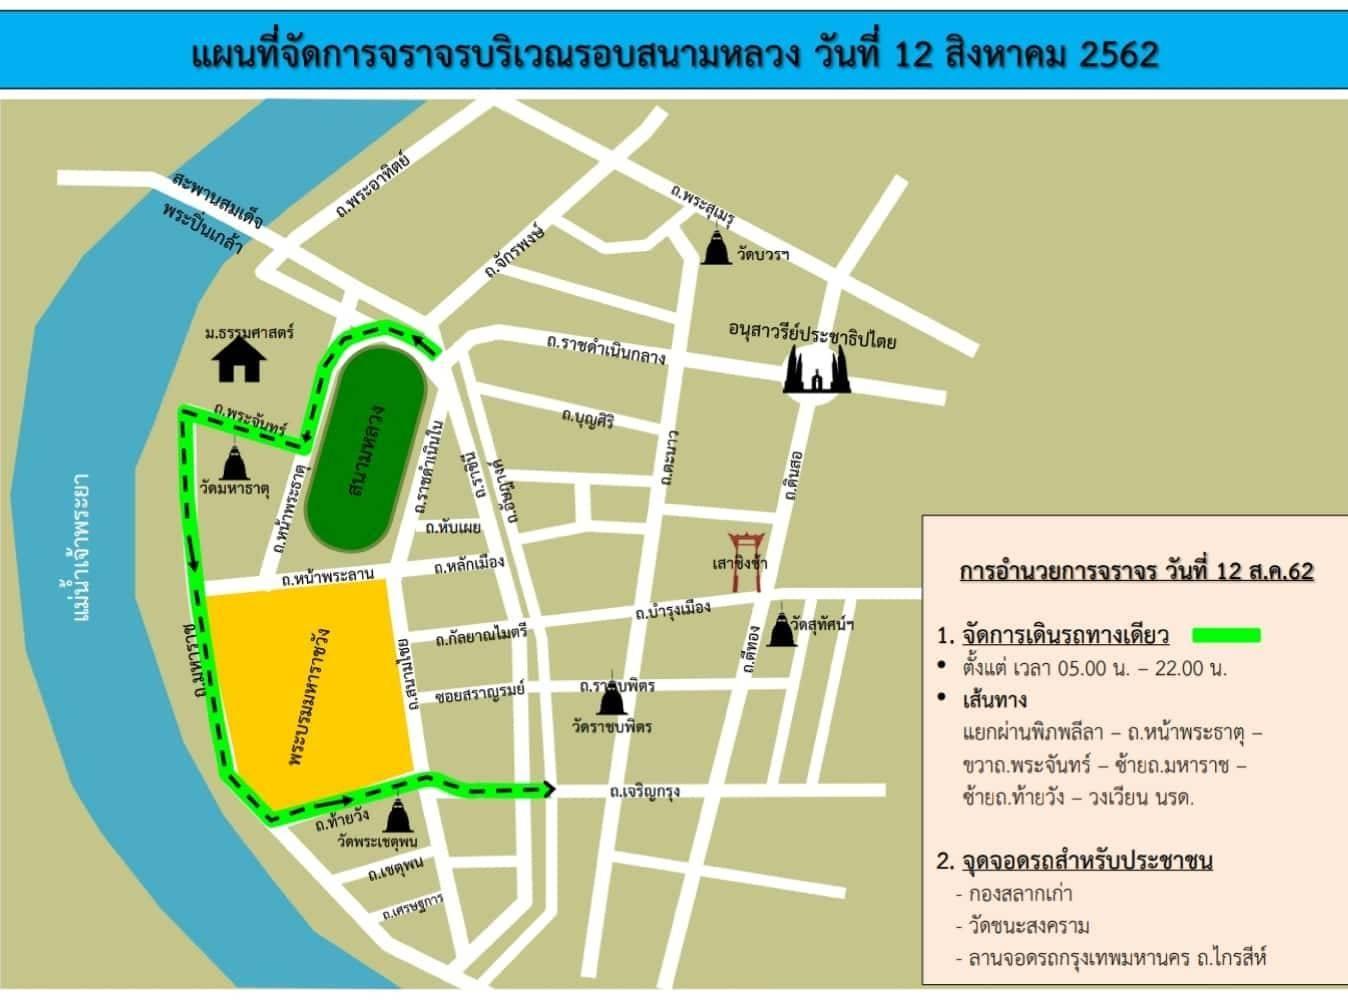 บช.น. พร้อมอำนวยการจราจรโดยรอบท้องสนามหลวง การจัดกิจกรรมเนื่องในโอกาสวันเฉลิมพระชนมพรรษาฯ 12 สิงหาคม 2562